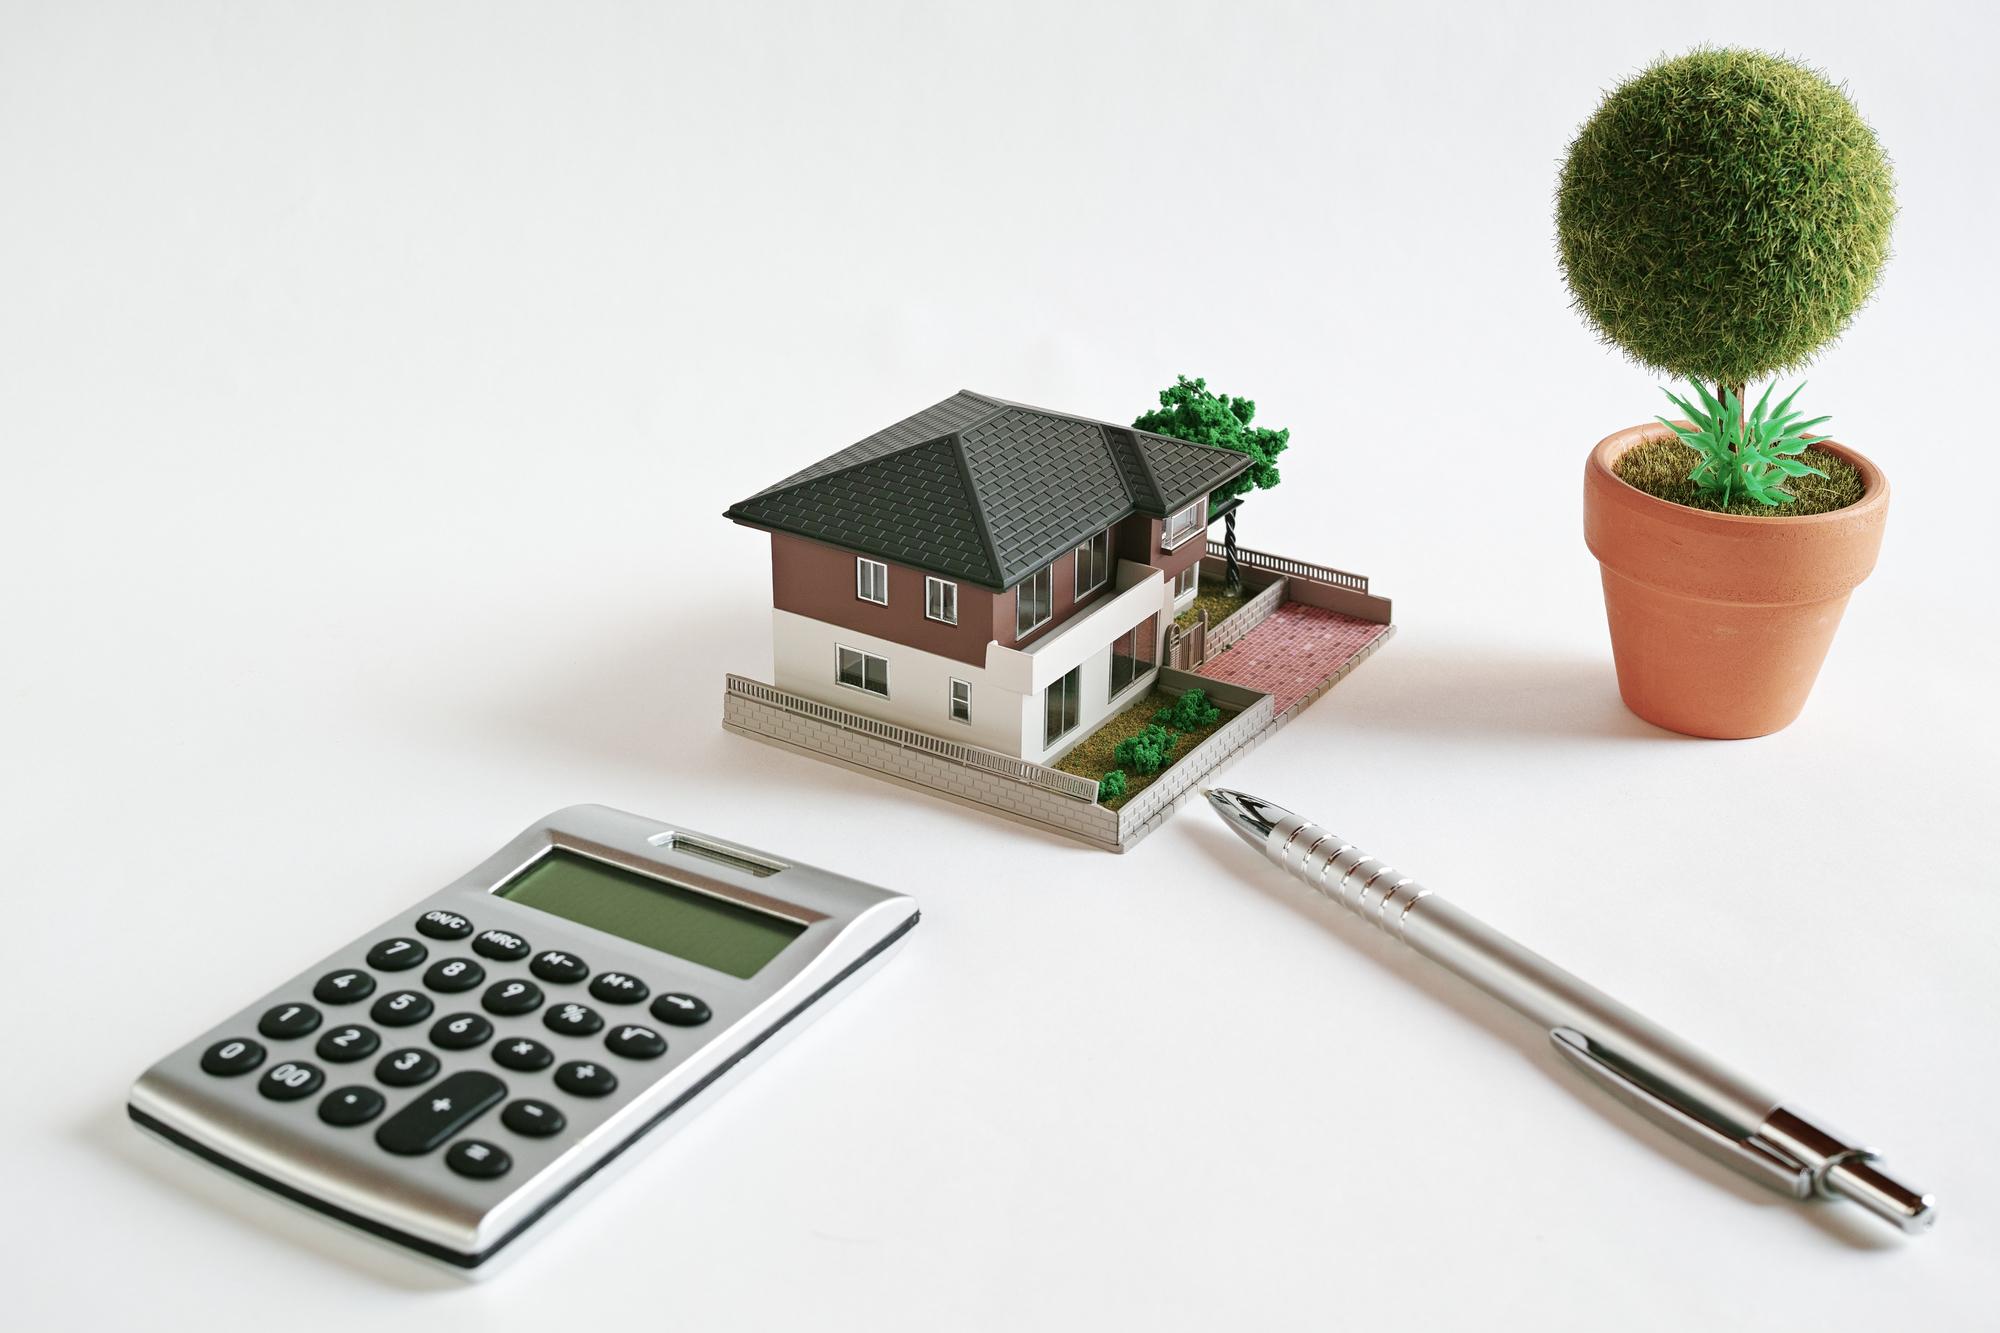 償却率に応じた建物減価償却費の計算方法について